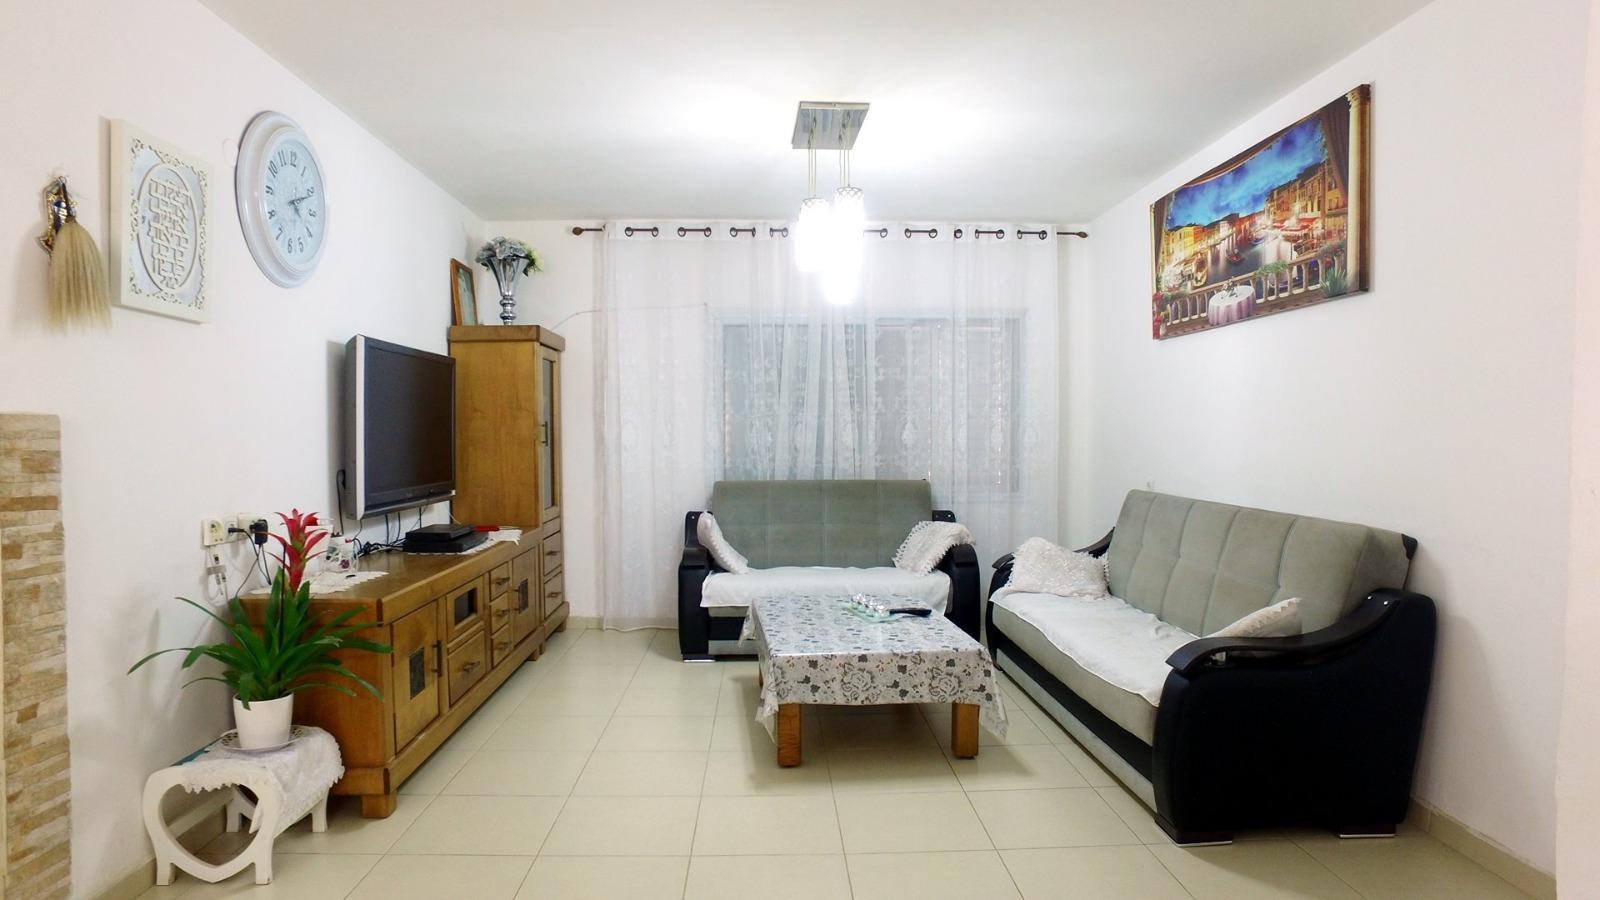 דירה 4 חד' ברחוב מנחם דונקלבלום